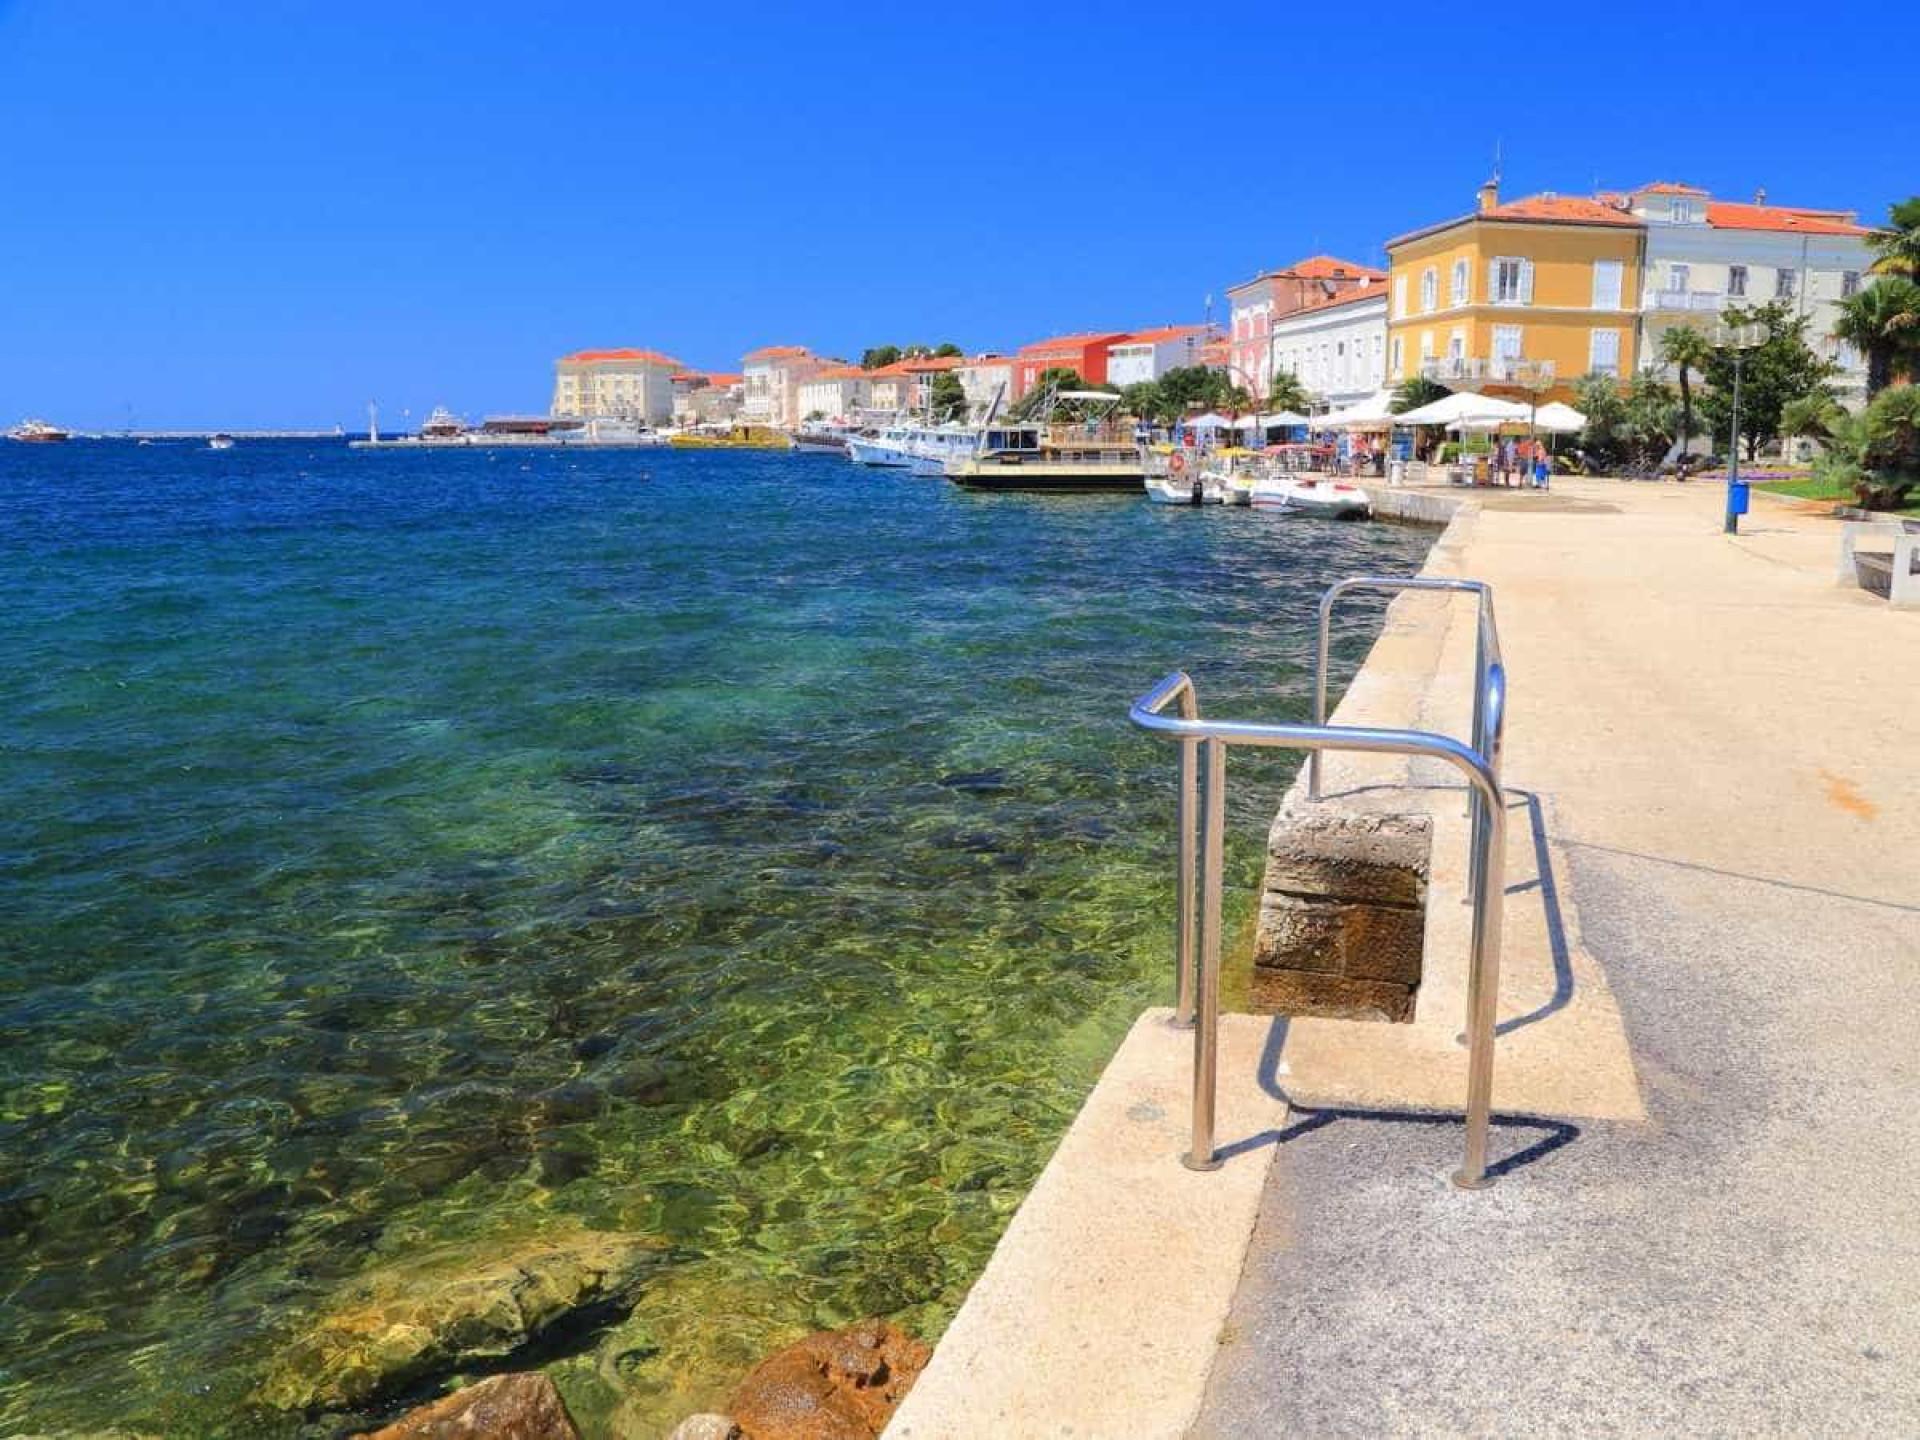 Quer viajar pela Europa? Saiba onde vale a pena recorrer ao Airbnb